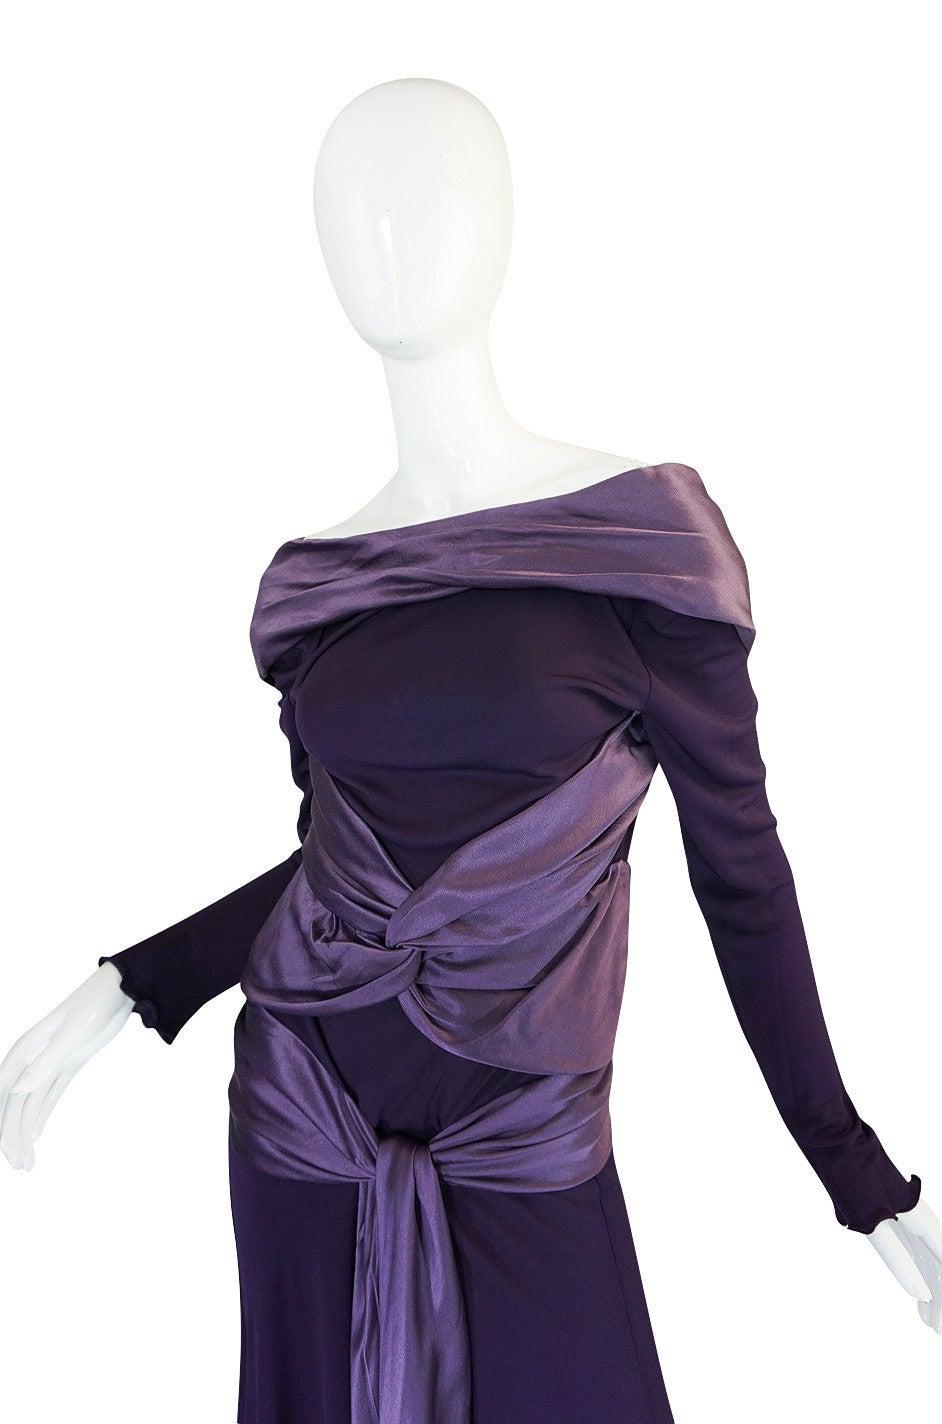 2004 F/W Alexander McQueen Purple Tie Runway Dress In Excellent Condition For Sale In Toronto, CA